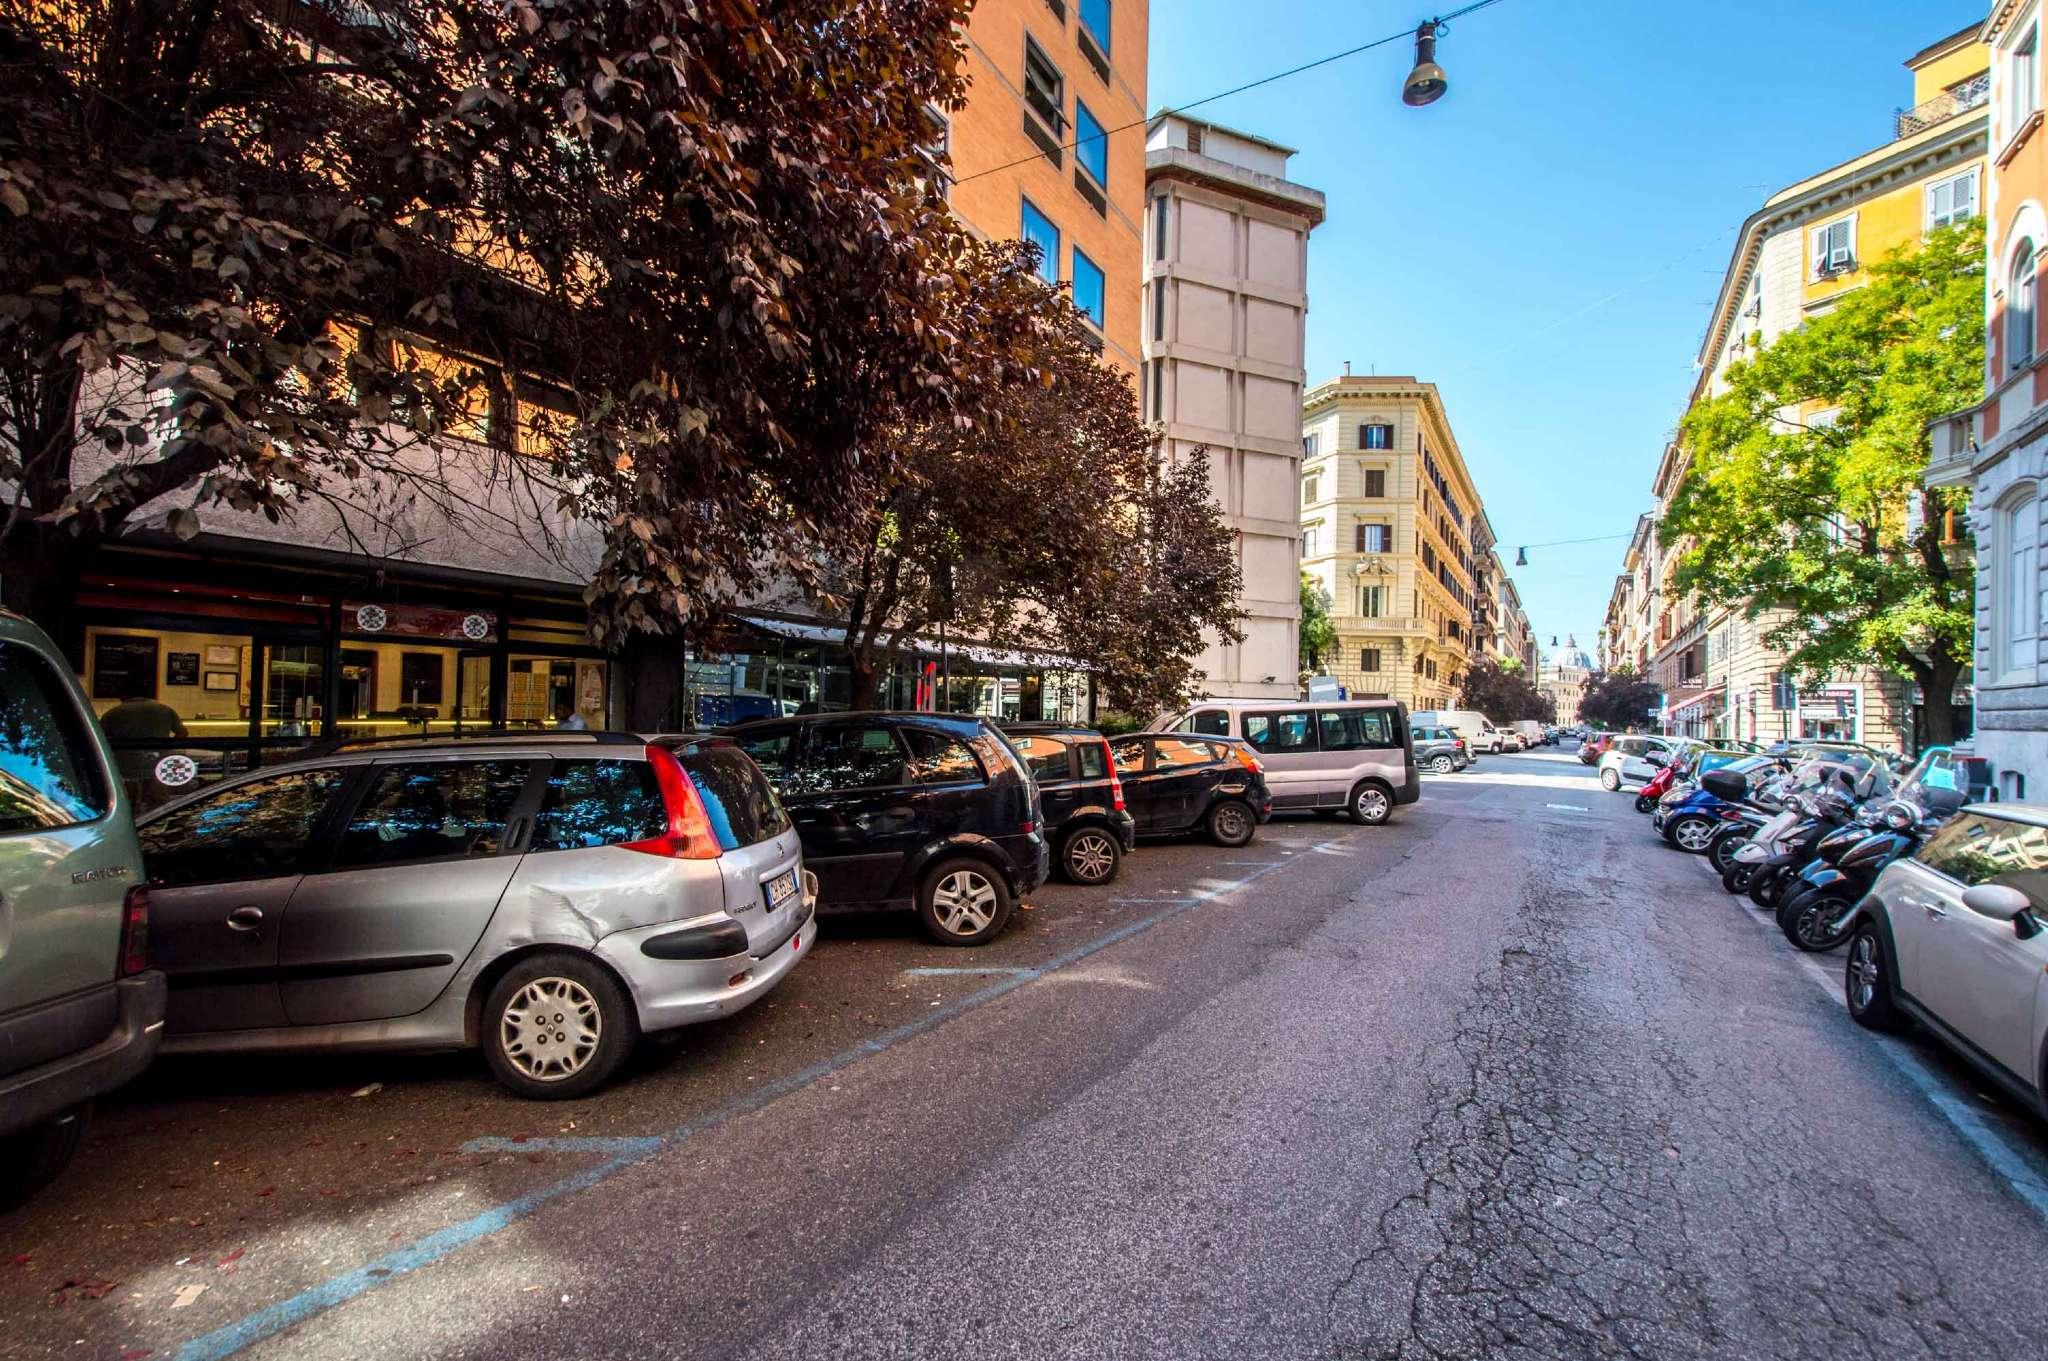 Uffici in affitto a roma in zona rione prati cerca con for Affittasi ufficio zona prati roma